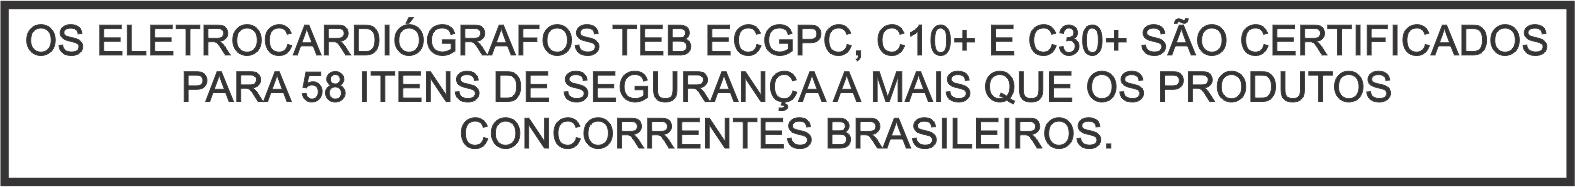 Os eletrocardiógrafos TEB ECGPC, C10+ e C30+ são Certificados para 58 itens de Segurança a mais que os produtos concorrentes brasileiros.